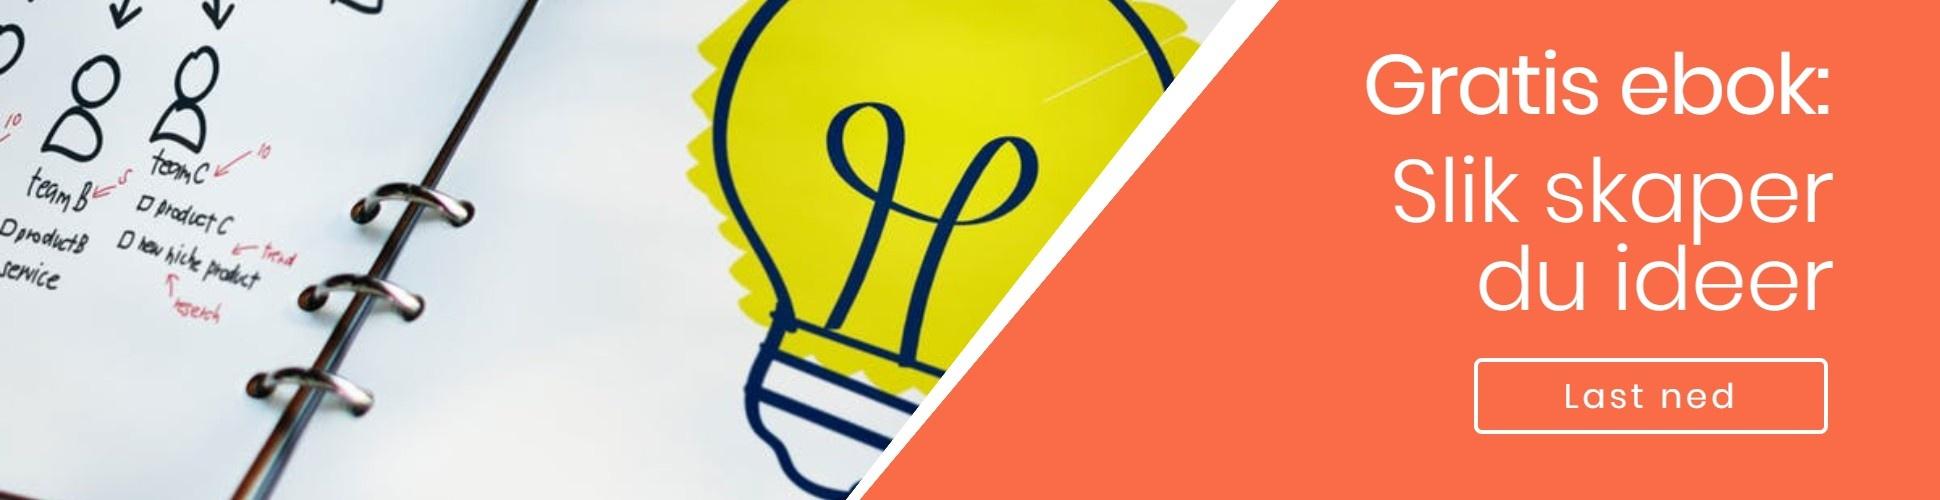 Last ned e-bok - Slik skapes ideer. Vår velprøvde snarvei til gode ideer.